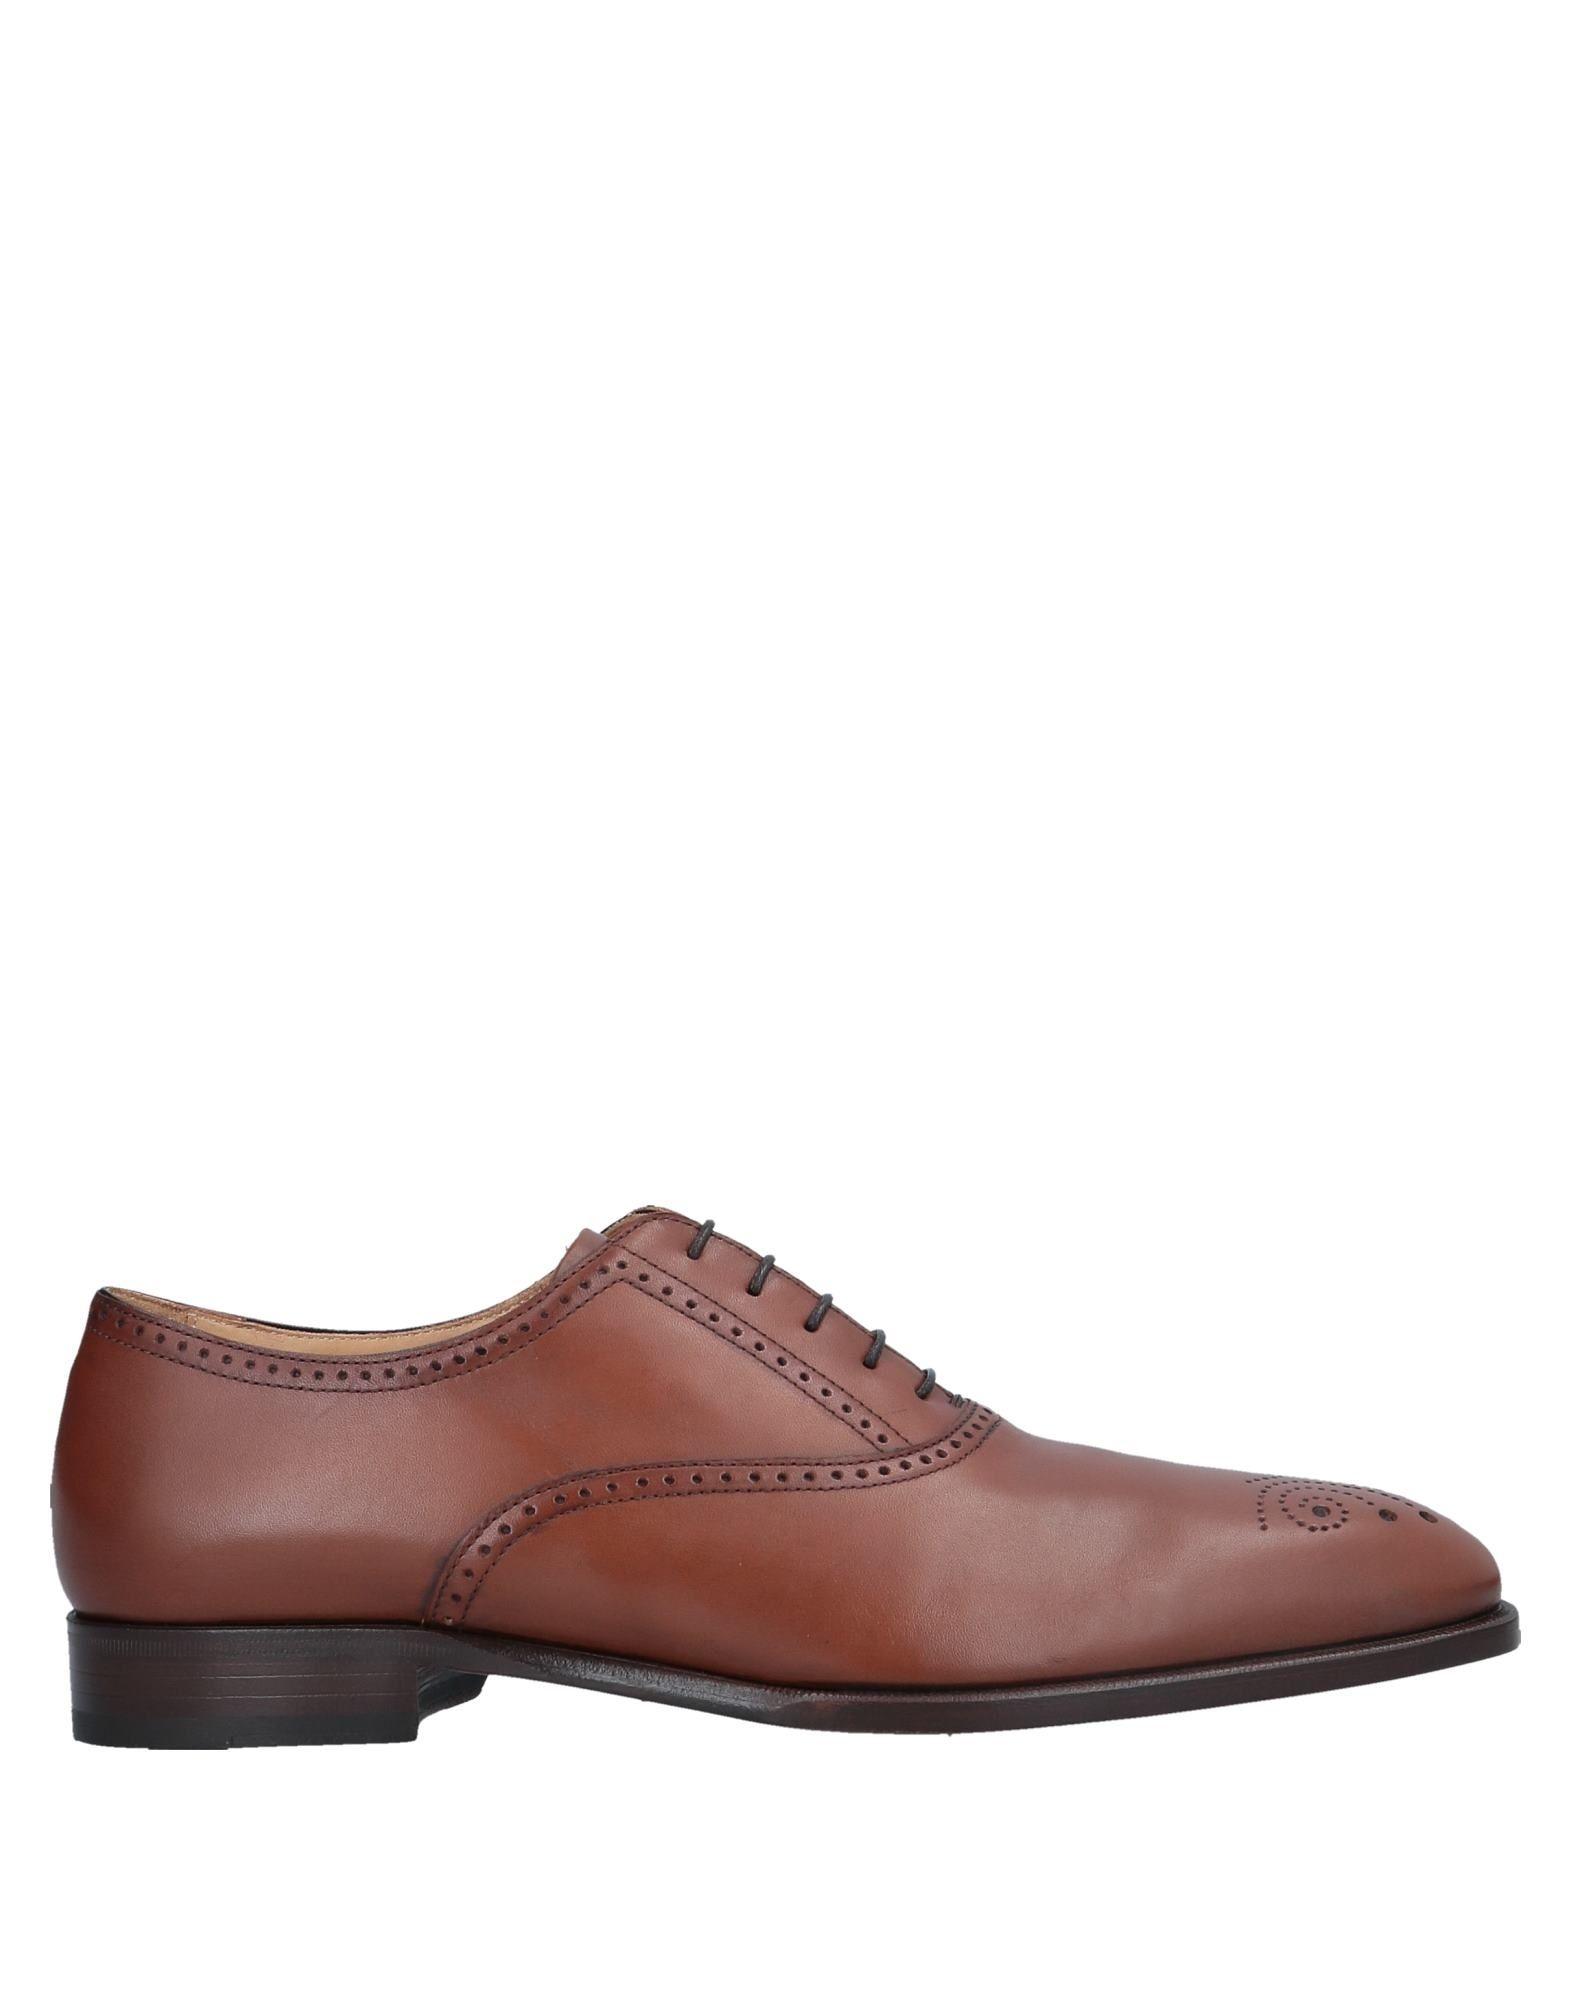 Фото - DI COLLETTI Обувь на шнурках обувь на высокой платформе dkny